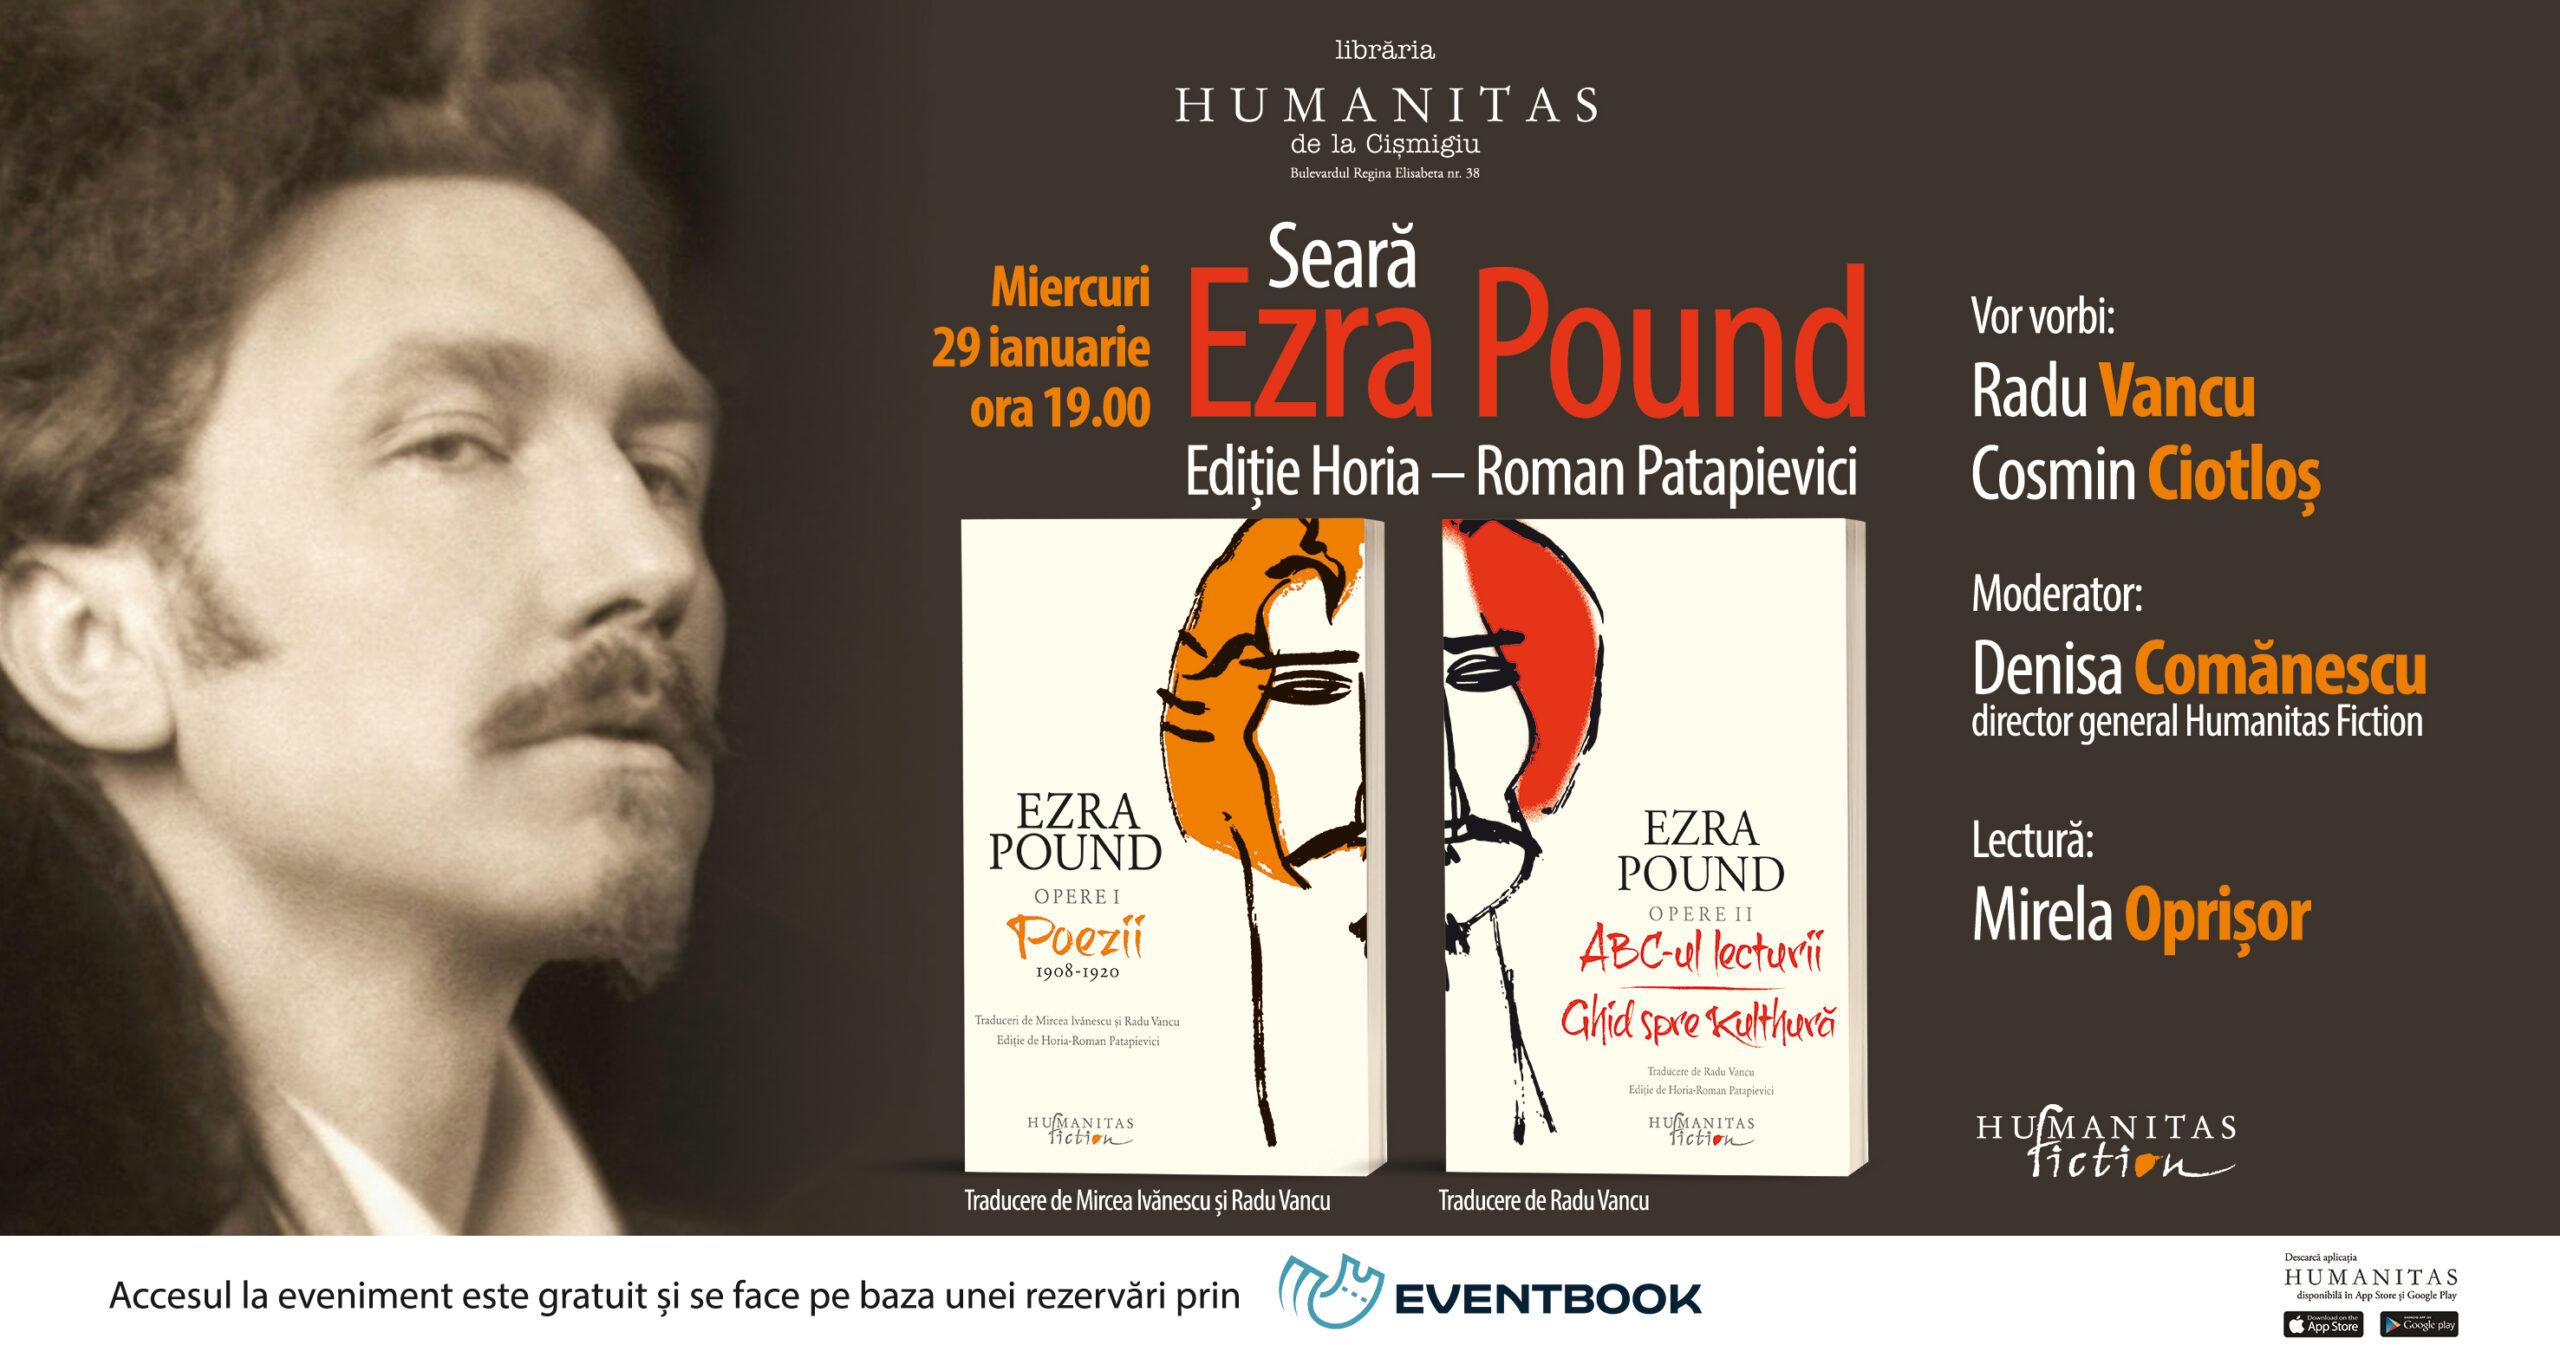 Seară dedicată lui Ezra Pound, poet și eseist, unul dintre cei mai inovatori gânditori ai secolului XX